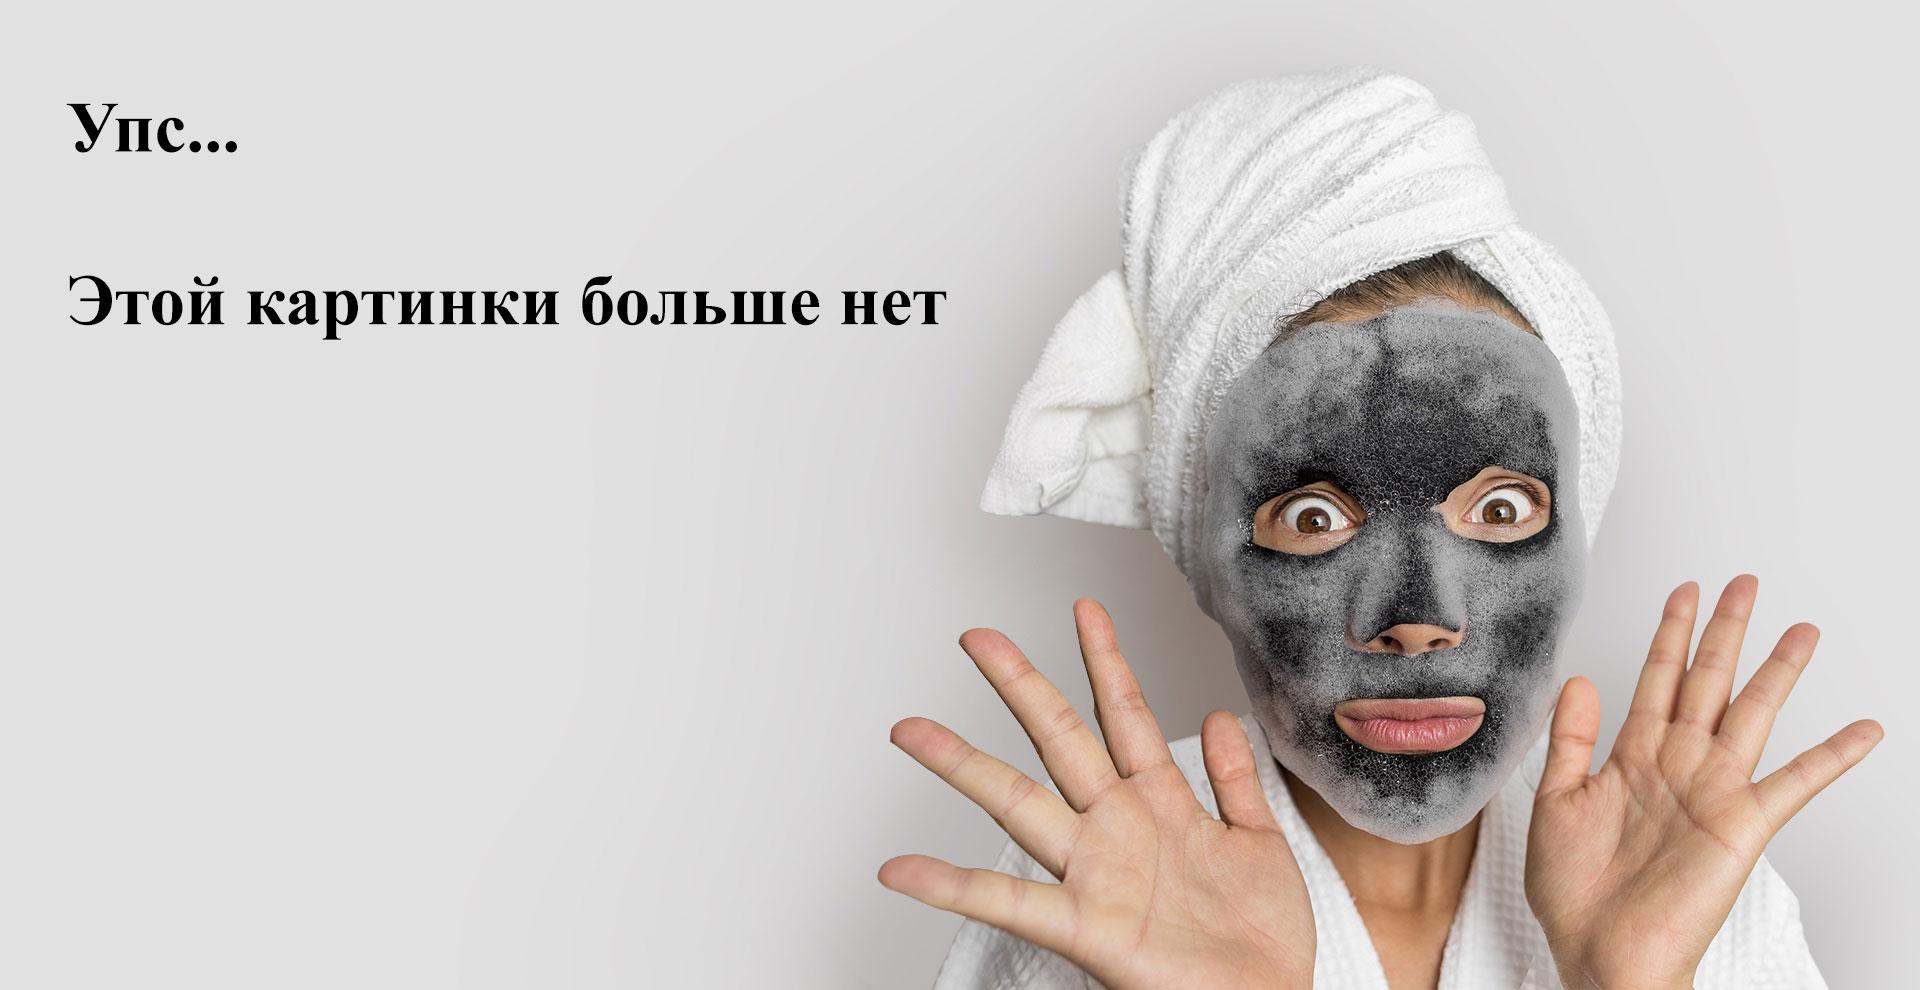 Solomeya, Полировщик «Ок, но сначала кофе», 300/400